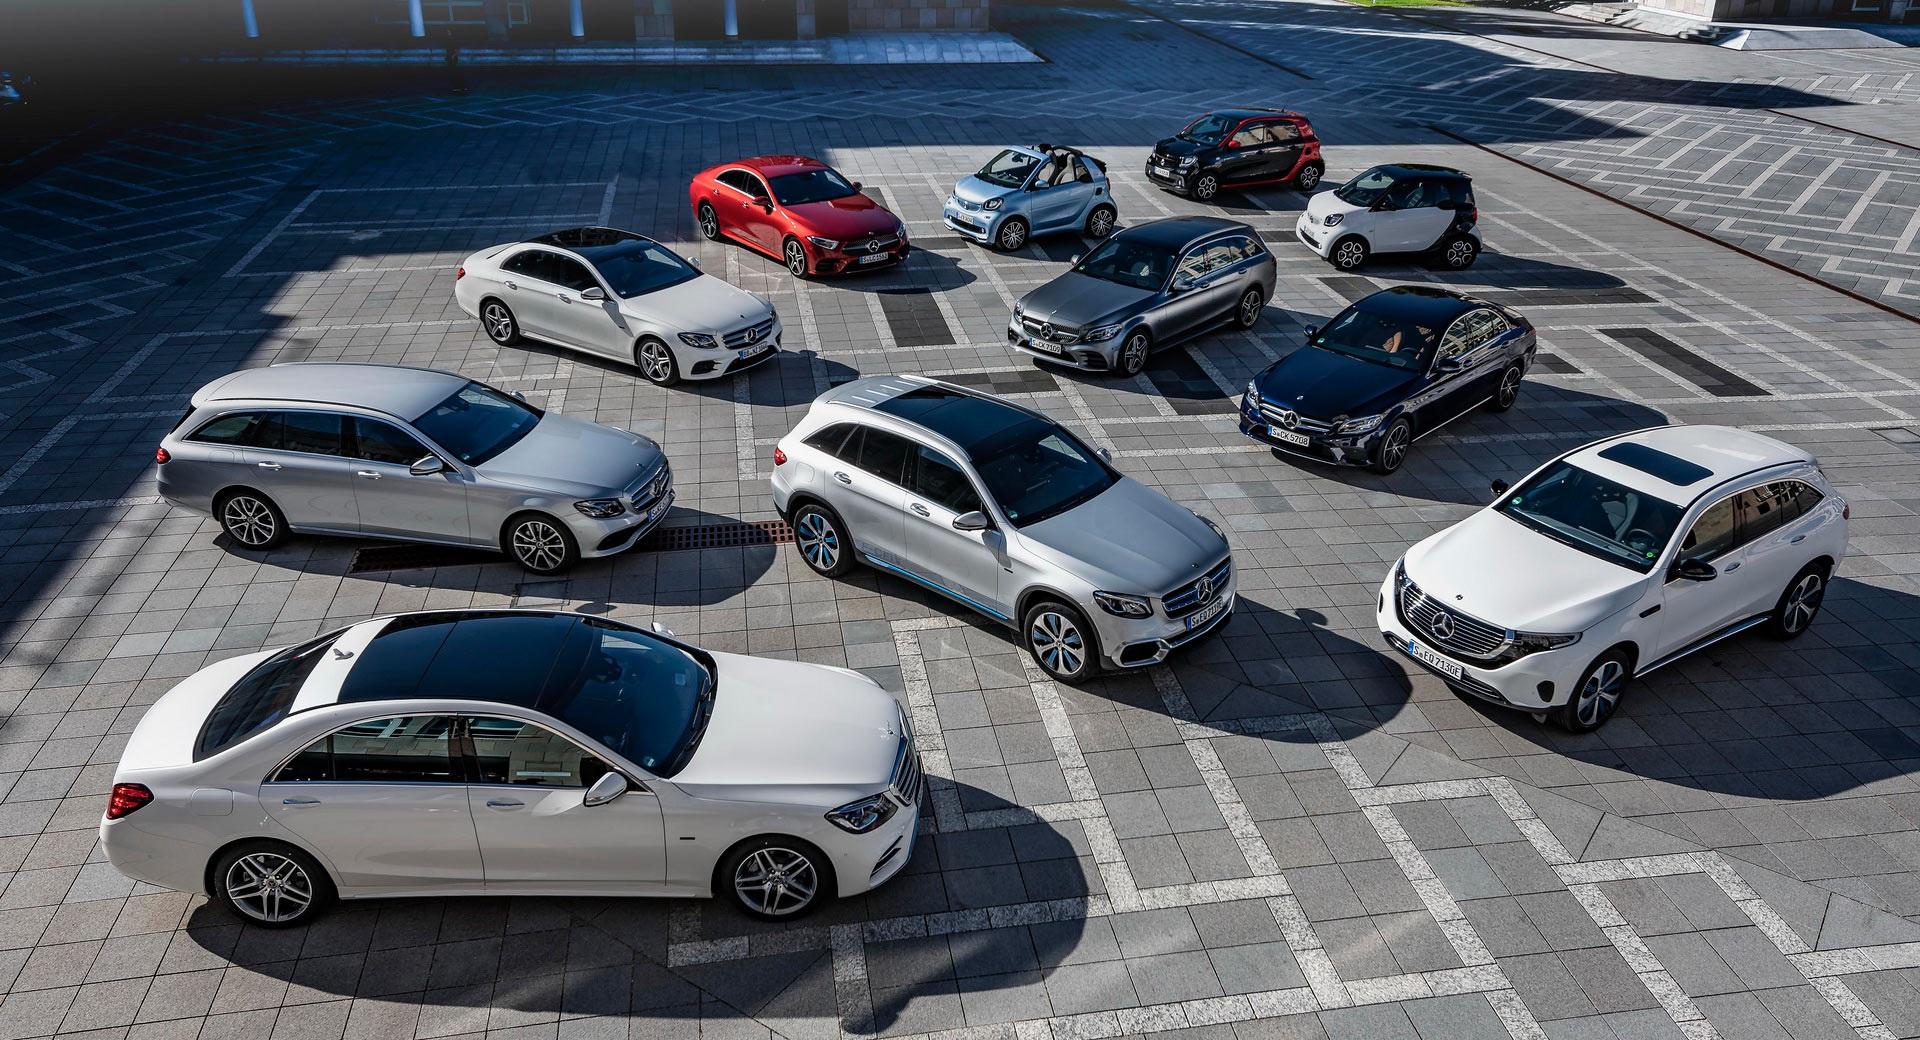 Gay cấn cuộc đua giữa BMW và Mercedes trên thị trường xe sang - 1